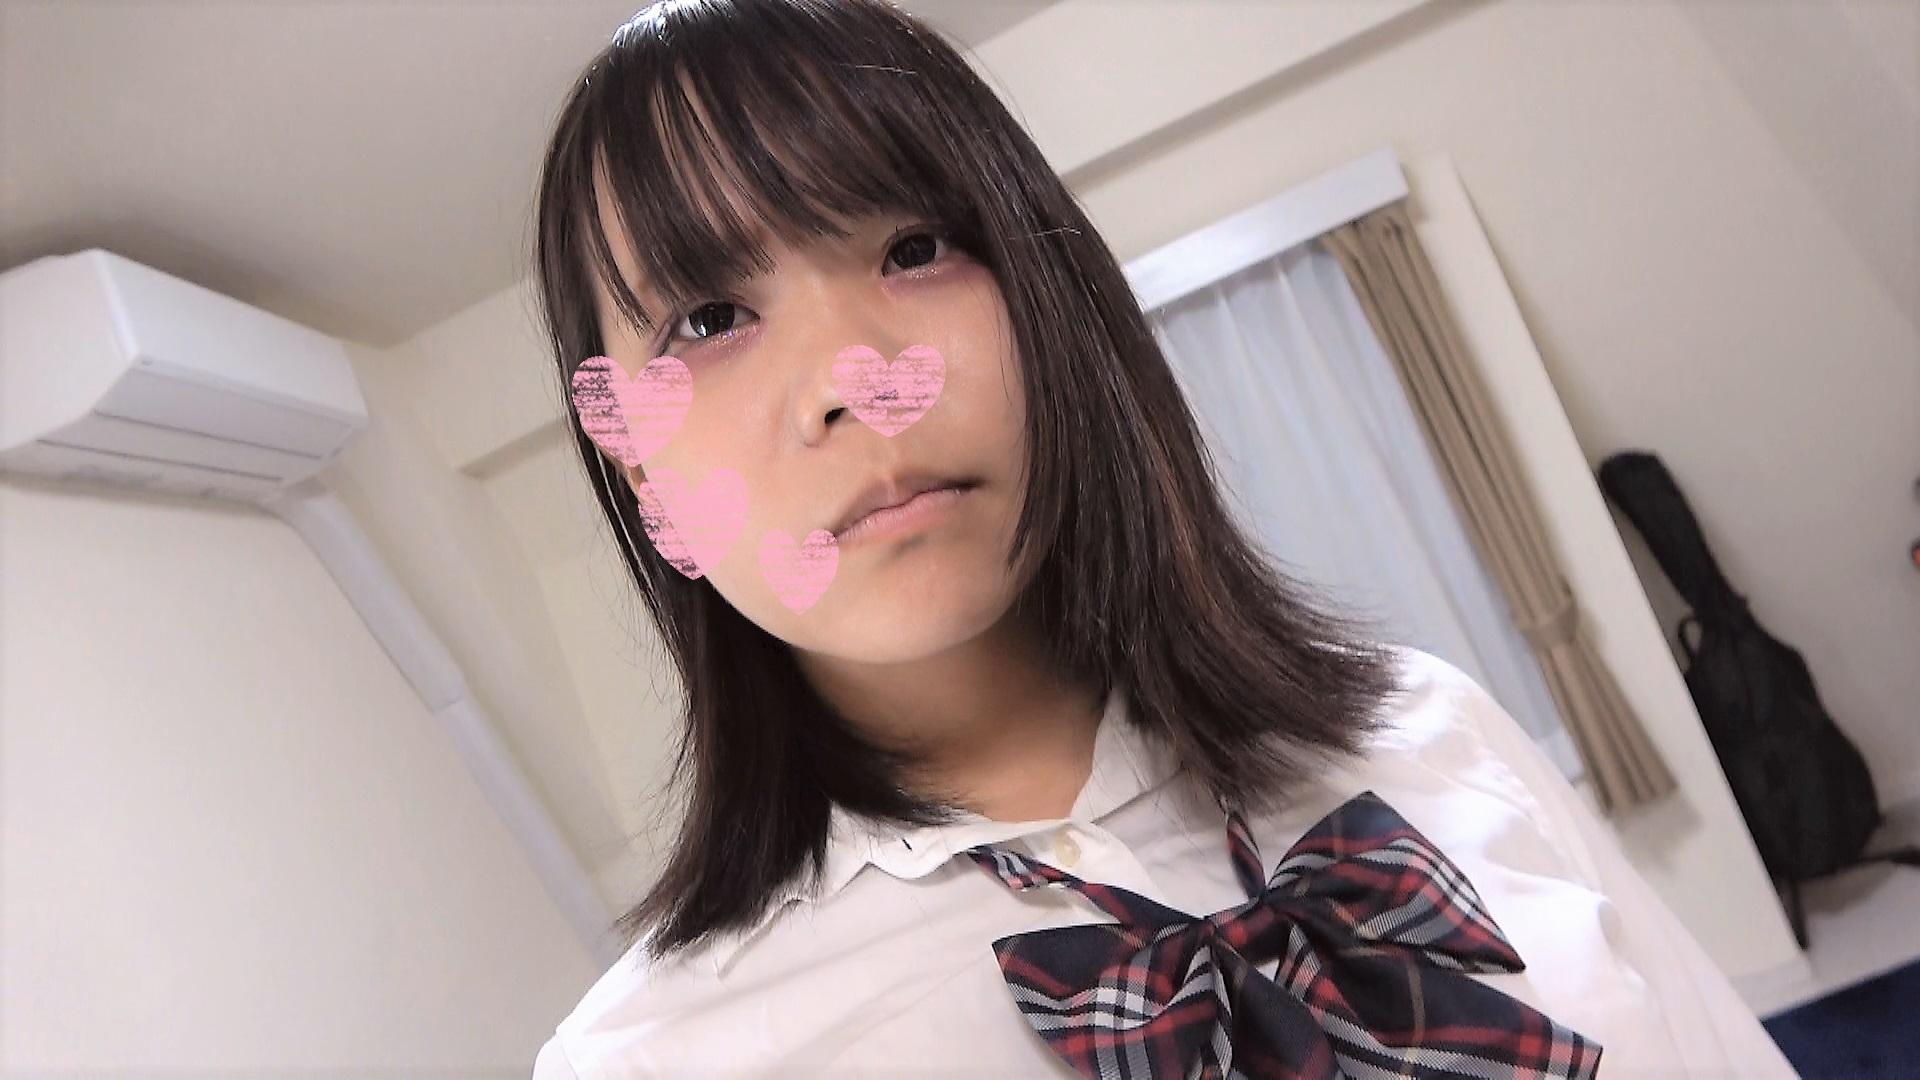 FC2 PPV 2244422 「無」パンティーに射精!!幼さの残る童顔女子●生のピンクのシミ付きパンティーを堪能!パンチラ・M字開脚・顔騎・パンコキ・・・。最後は濃厚ザーメンをぶっかけて汚す。 FC2-PPV-2244422